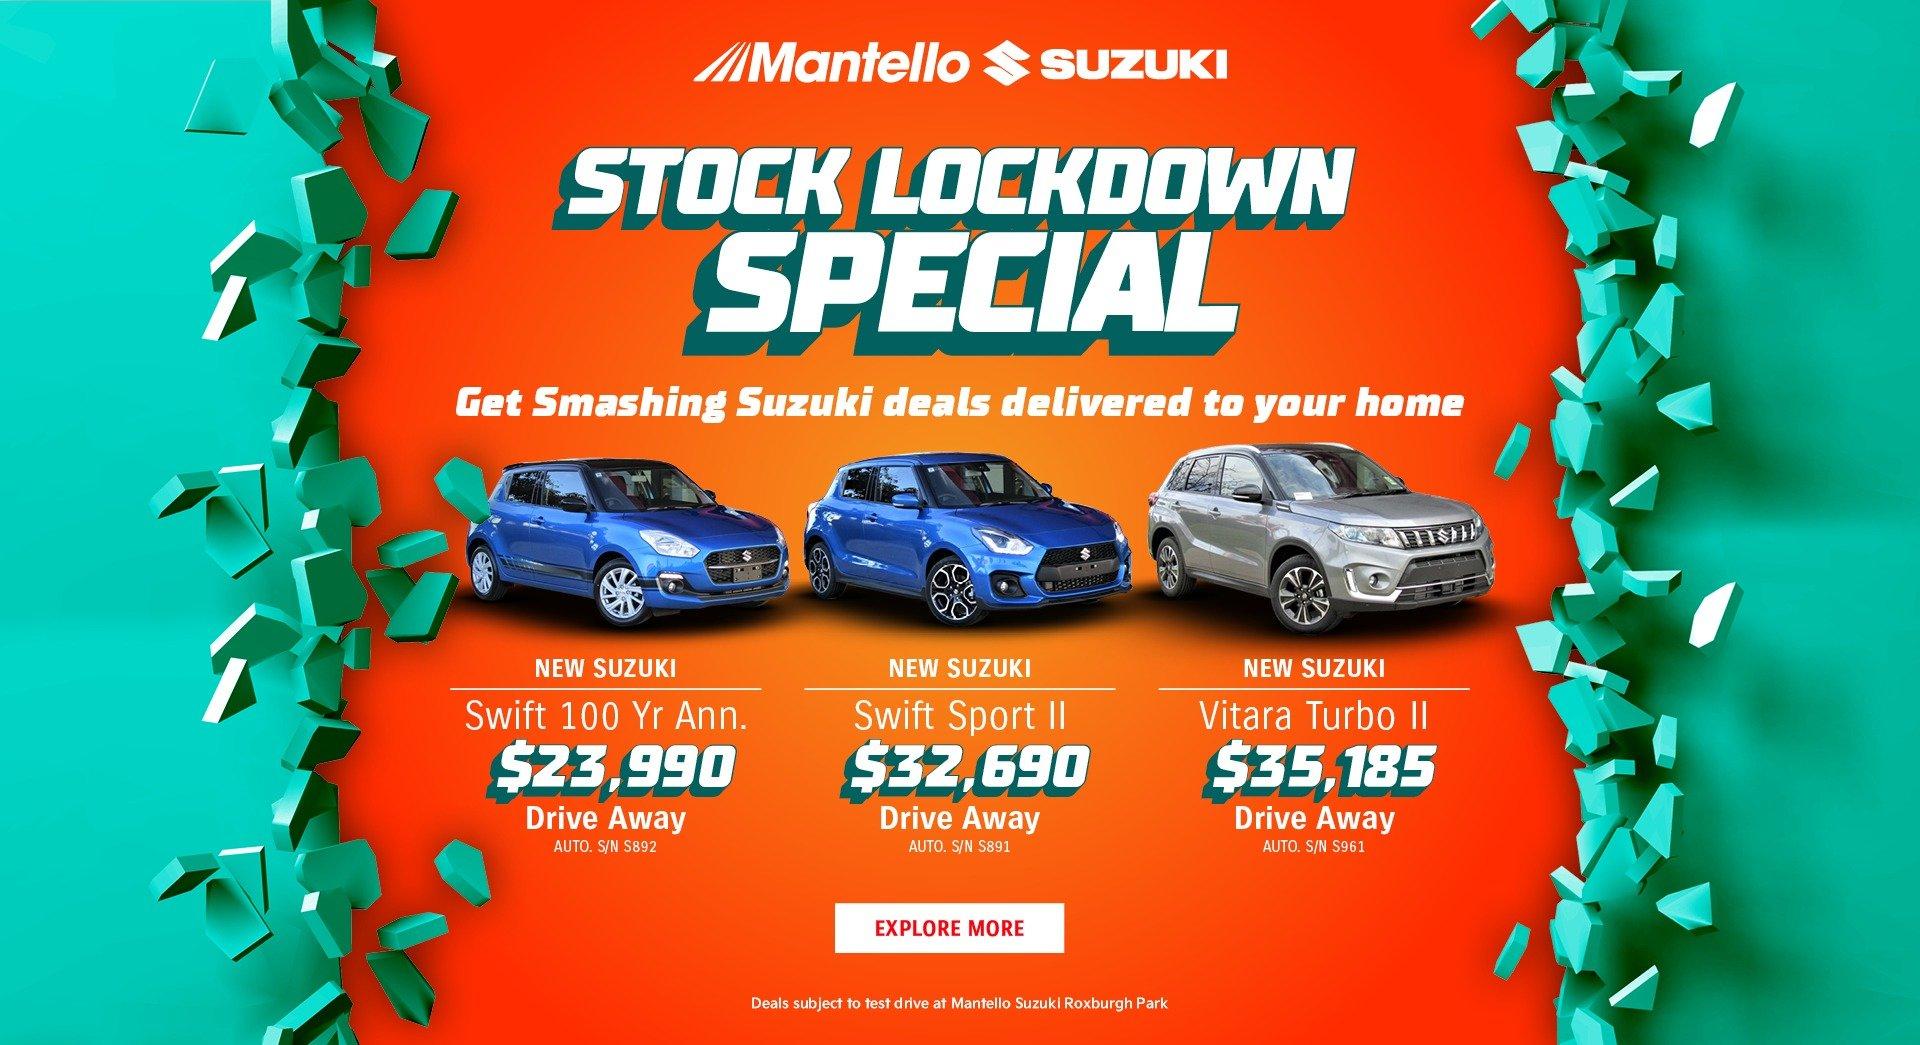 Suzuki stock specials